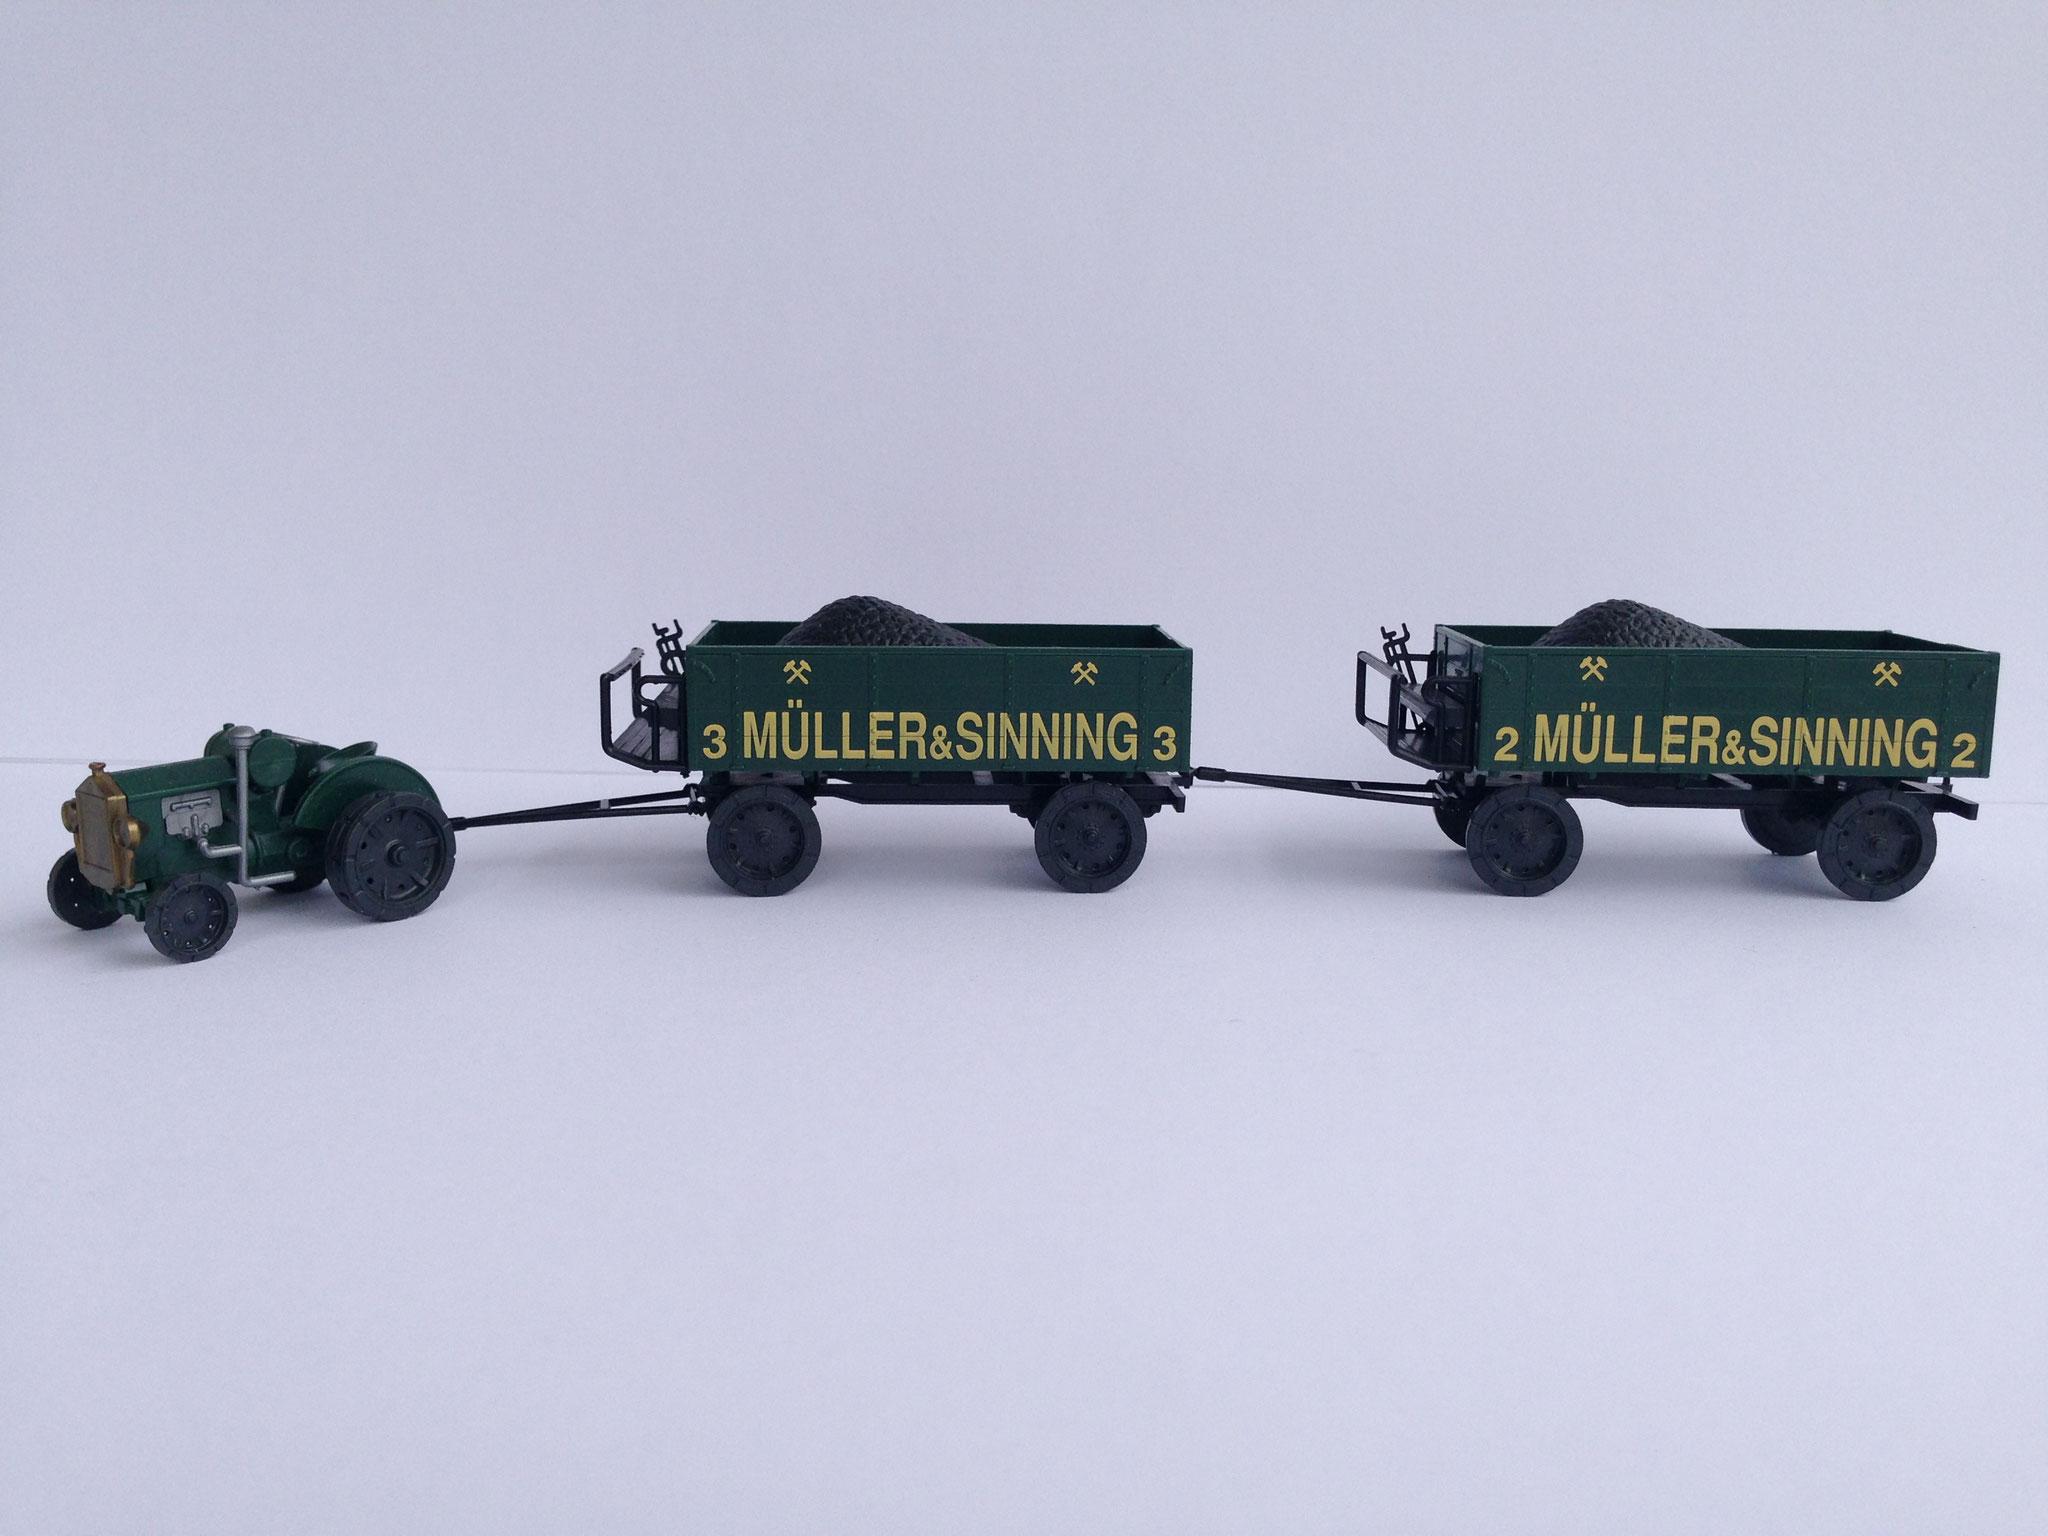 Hanomag WD-Radschlepper mit 2 Kohlenanhängern, Müller & Sinning, Art. Nr. 381 (ab 1992 im Programm)